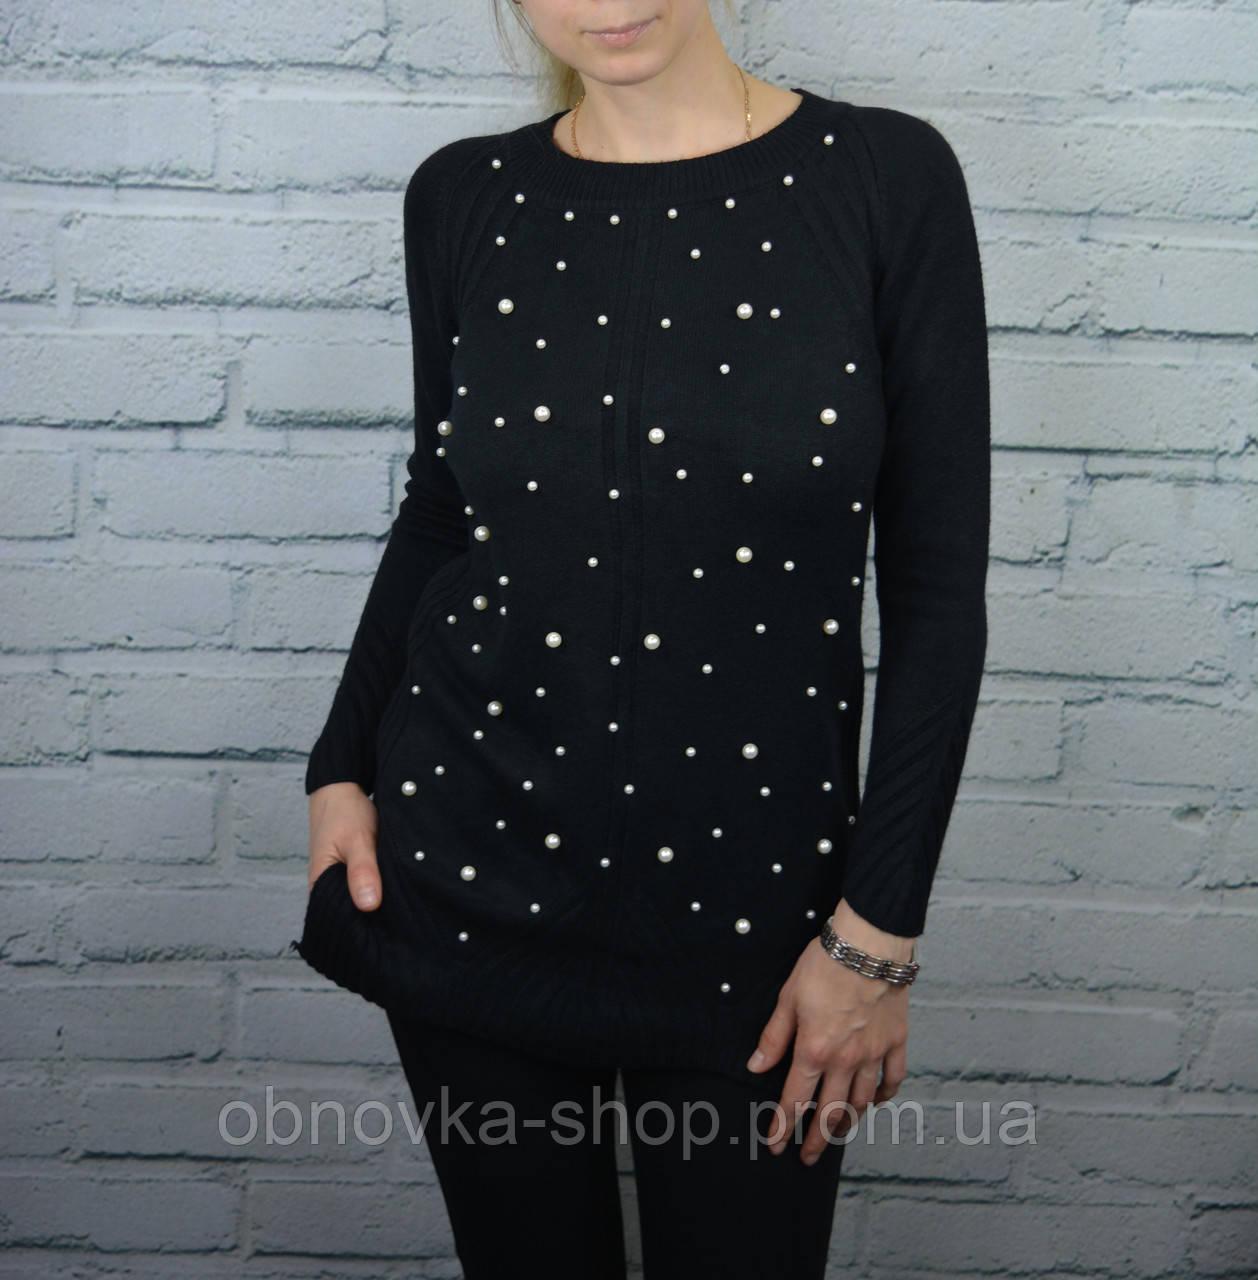 37807adde0d Свитеры-туники женские теплые - Интернет-магазин одежды и обуви в Харькове